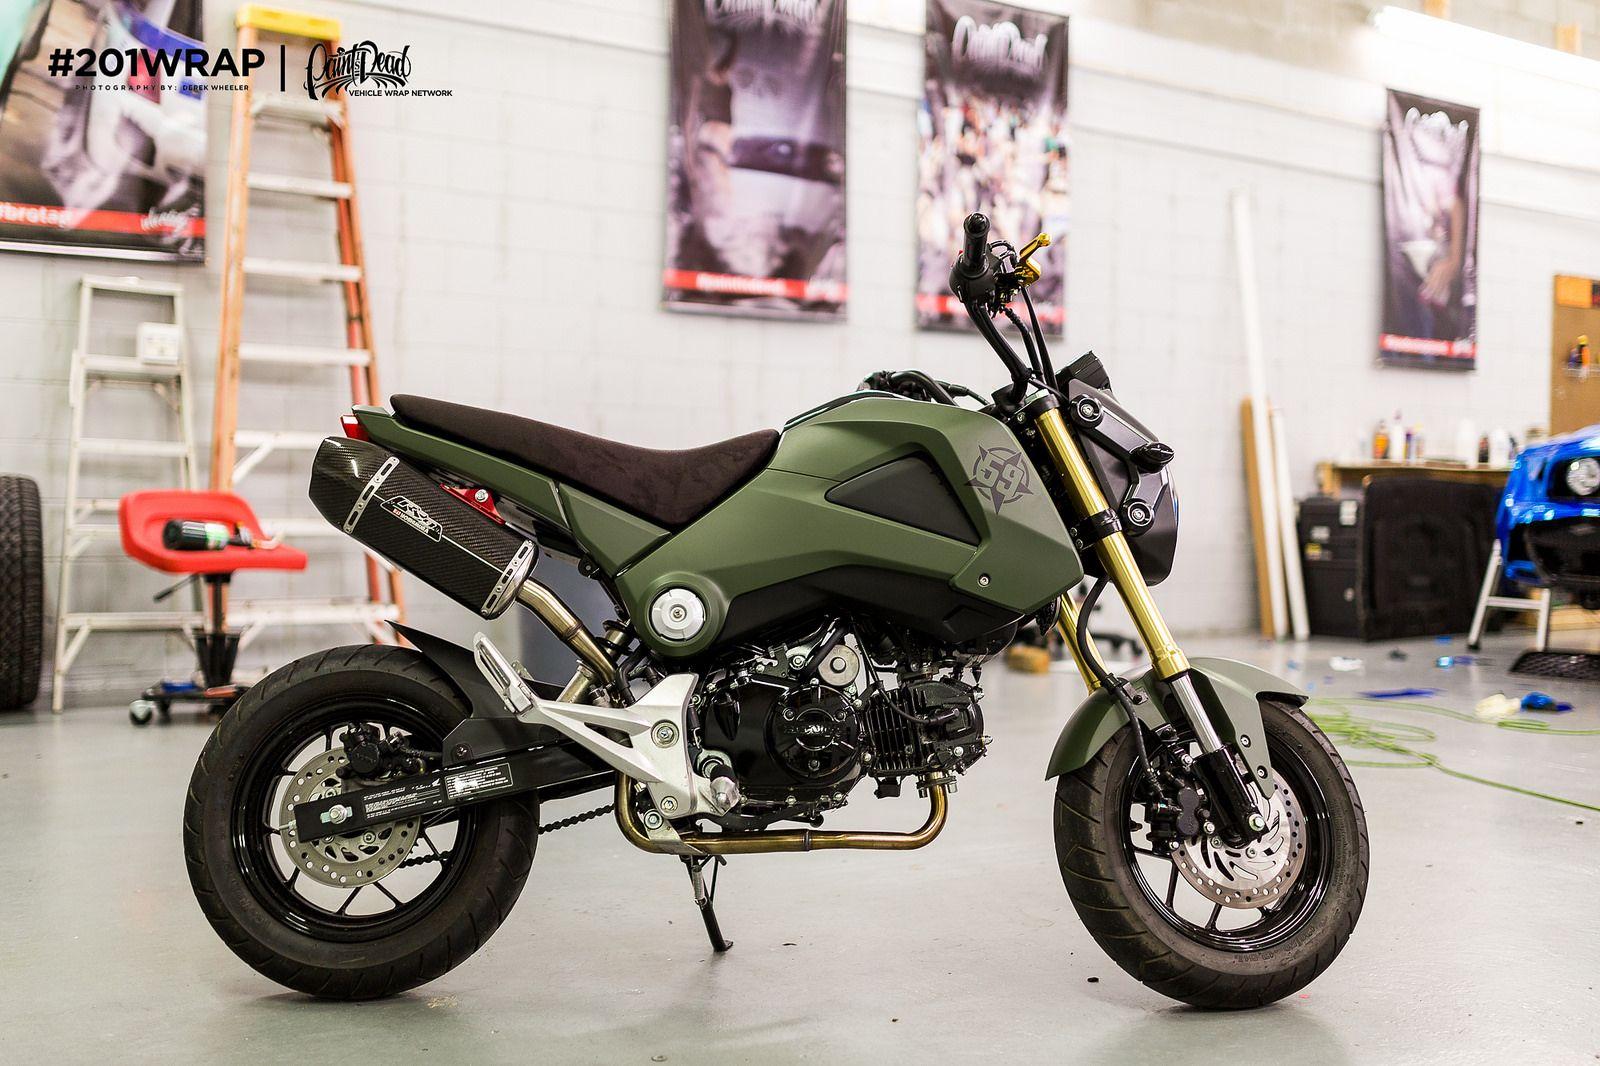 Honda Grom Military Green | OG Squad | Grom motorcycle